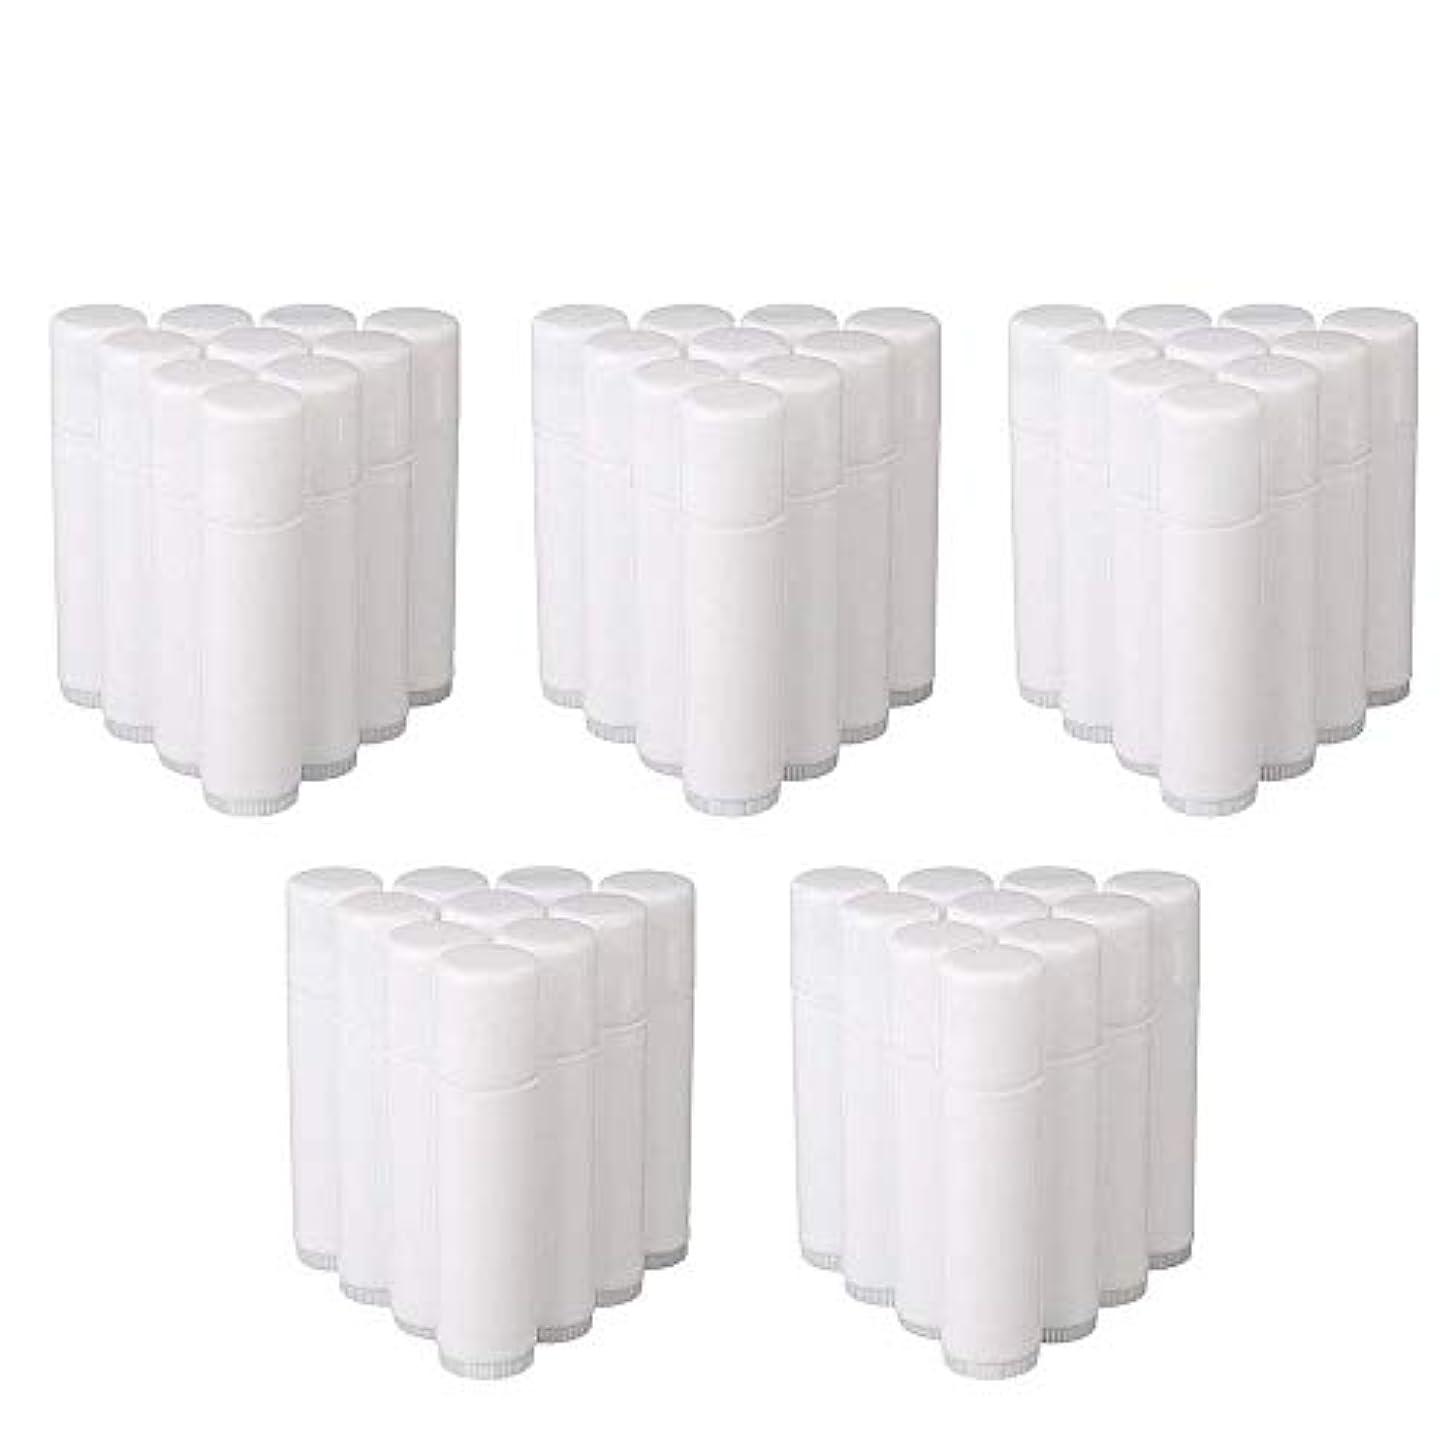 入力かる帳面COOLBOTANG リップバームチューブ リップクリーム 繰り出し ホワイト 手作りコスメ 手作り化粧品/リップクリーム 50個 5g ミニ 詰め替え容器